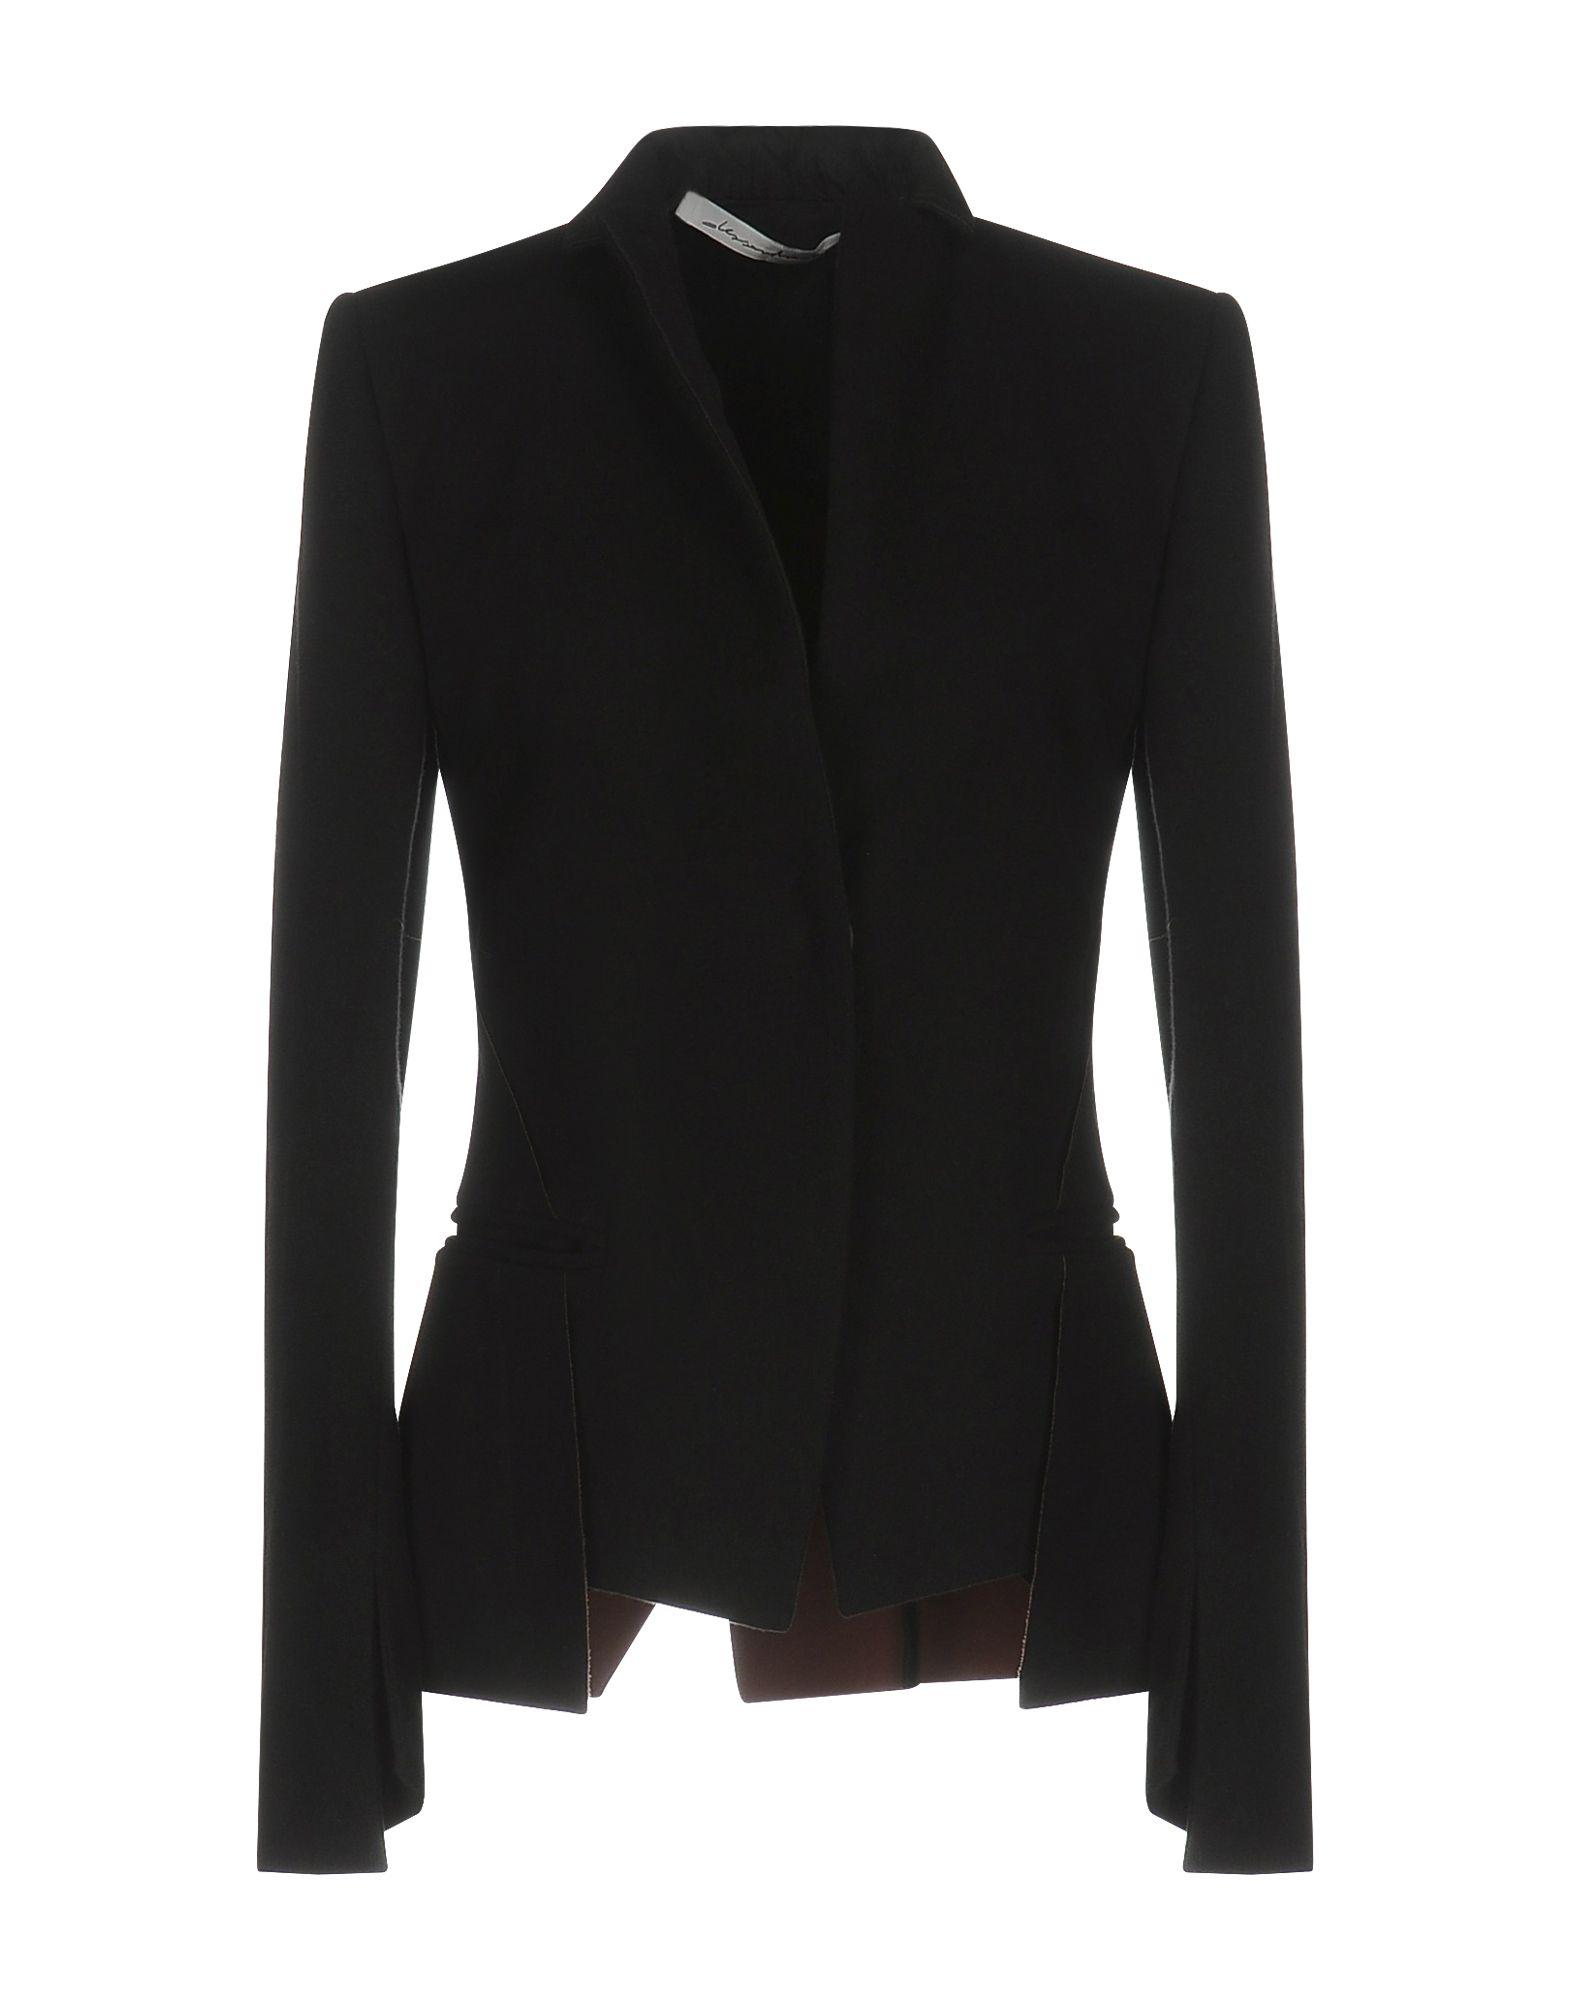 ALESSANDRA MARCHI Blazer in Black